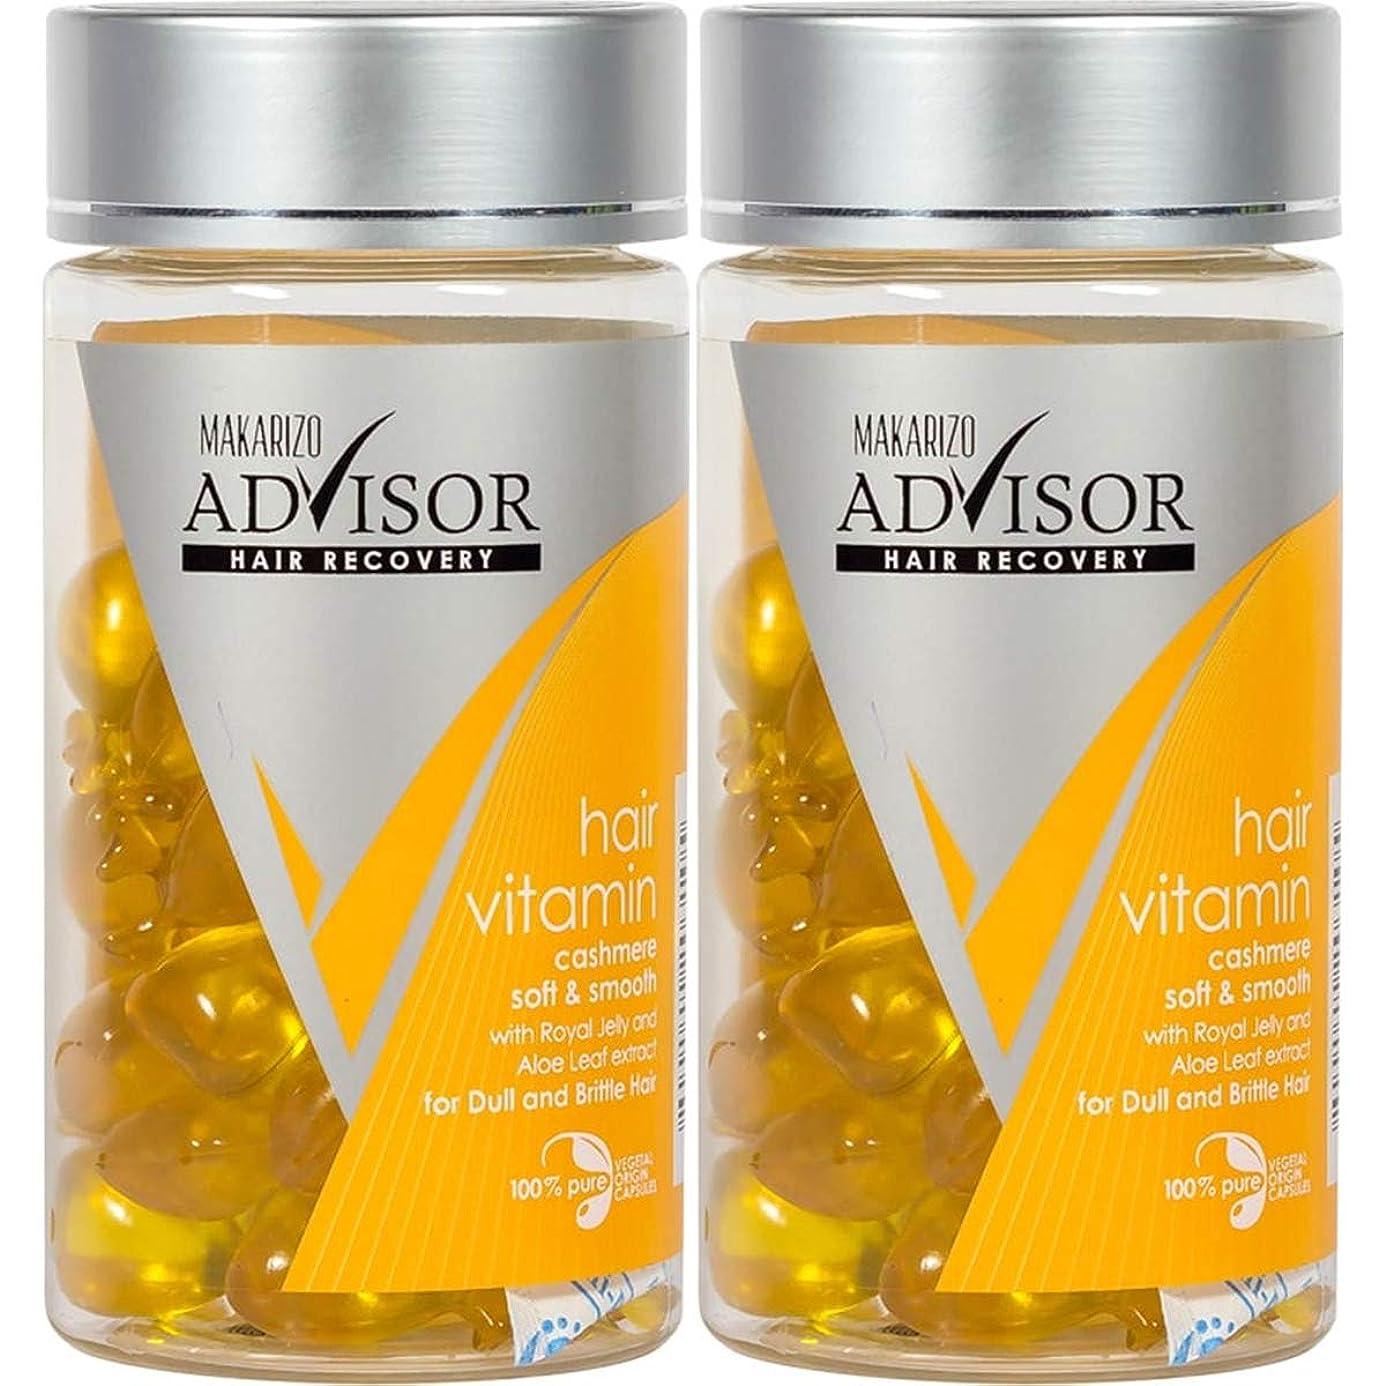 国勢調査寸法混合したMAKARIZO マカリゾ Advisor アドバイザー Hair Vitamin ヘアビタミン 50粒入ボトル×2個セット Cashmere Soft & Smooth イエロー [海外直送品]